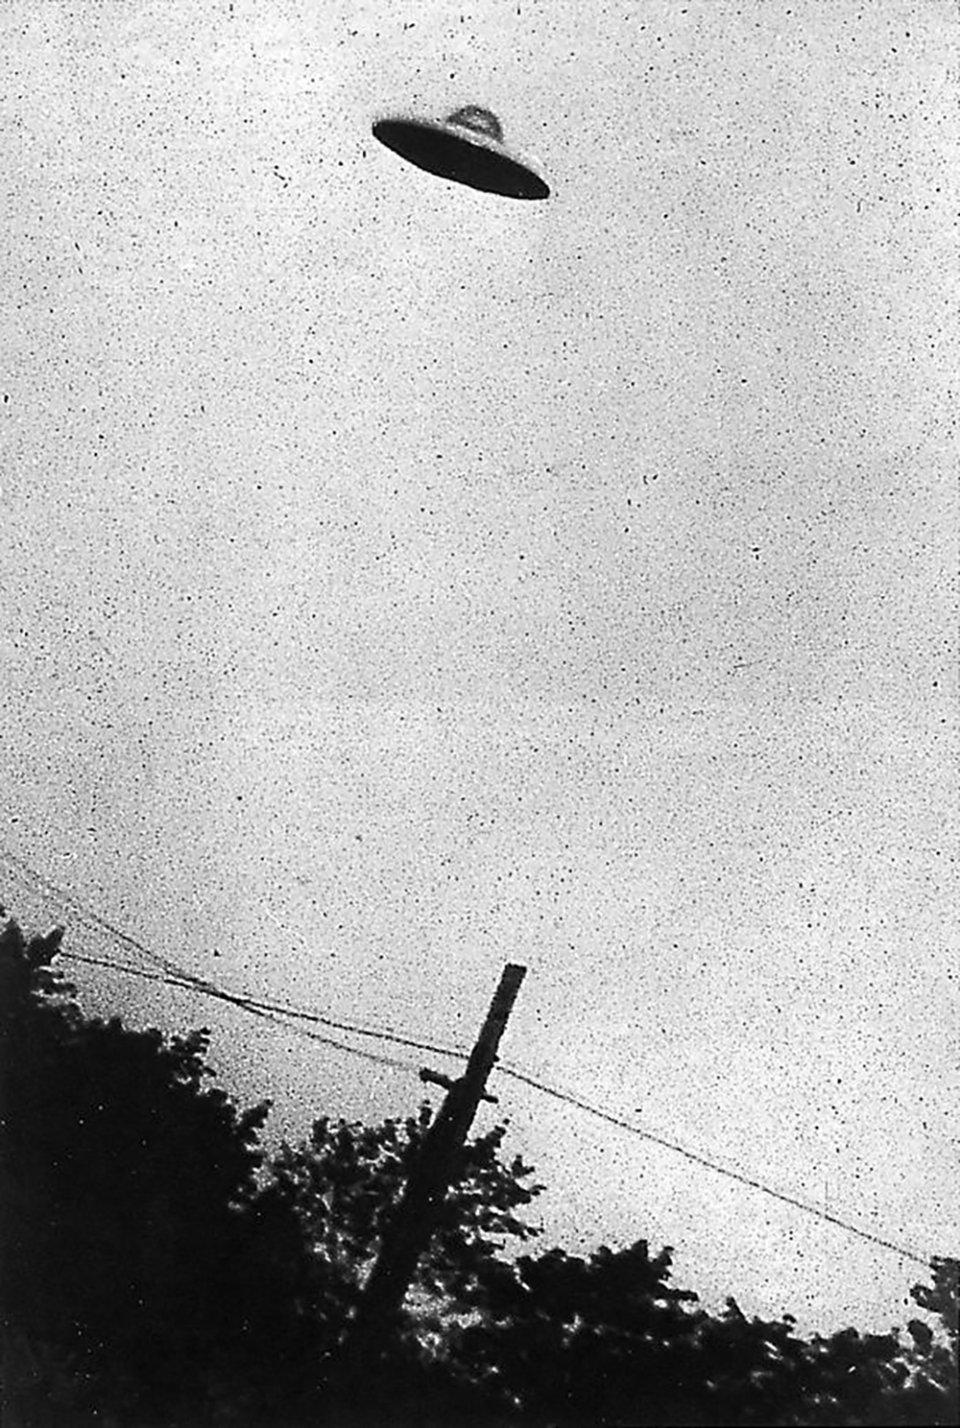 НЛО, якого нібито помітили у Нью-Джерсі в 1952 році. Доведено, що це підробка. З архівів ЦРУ